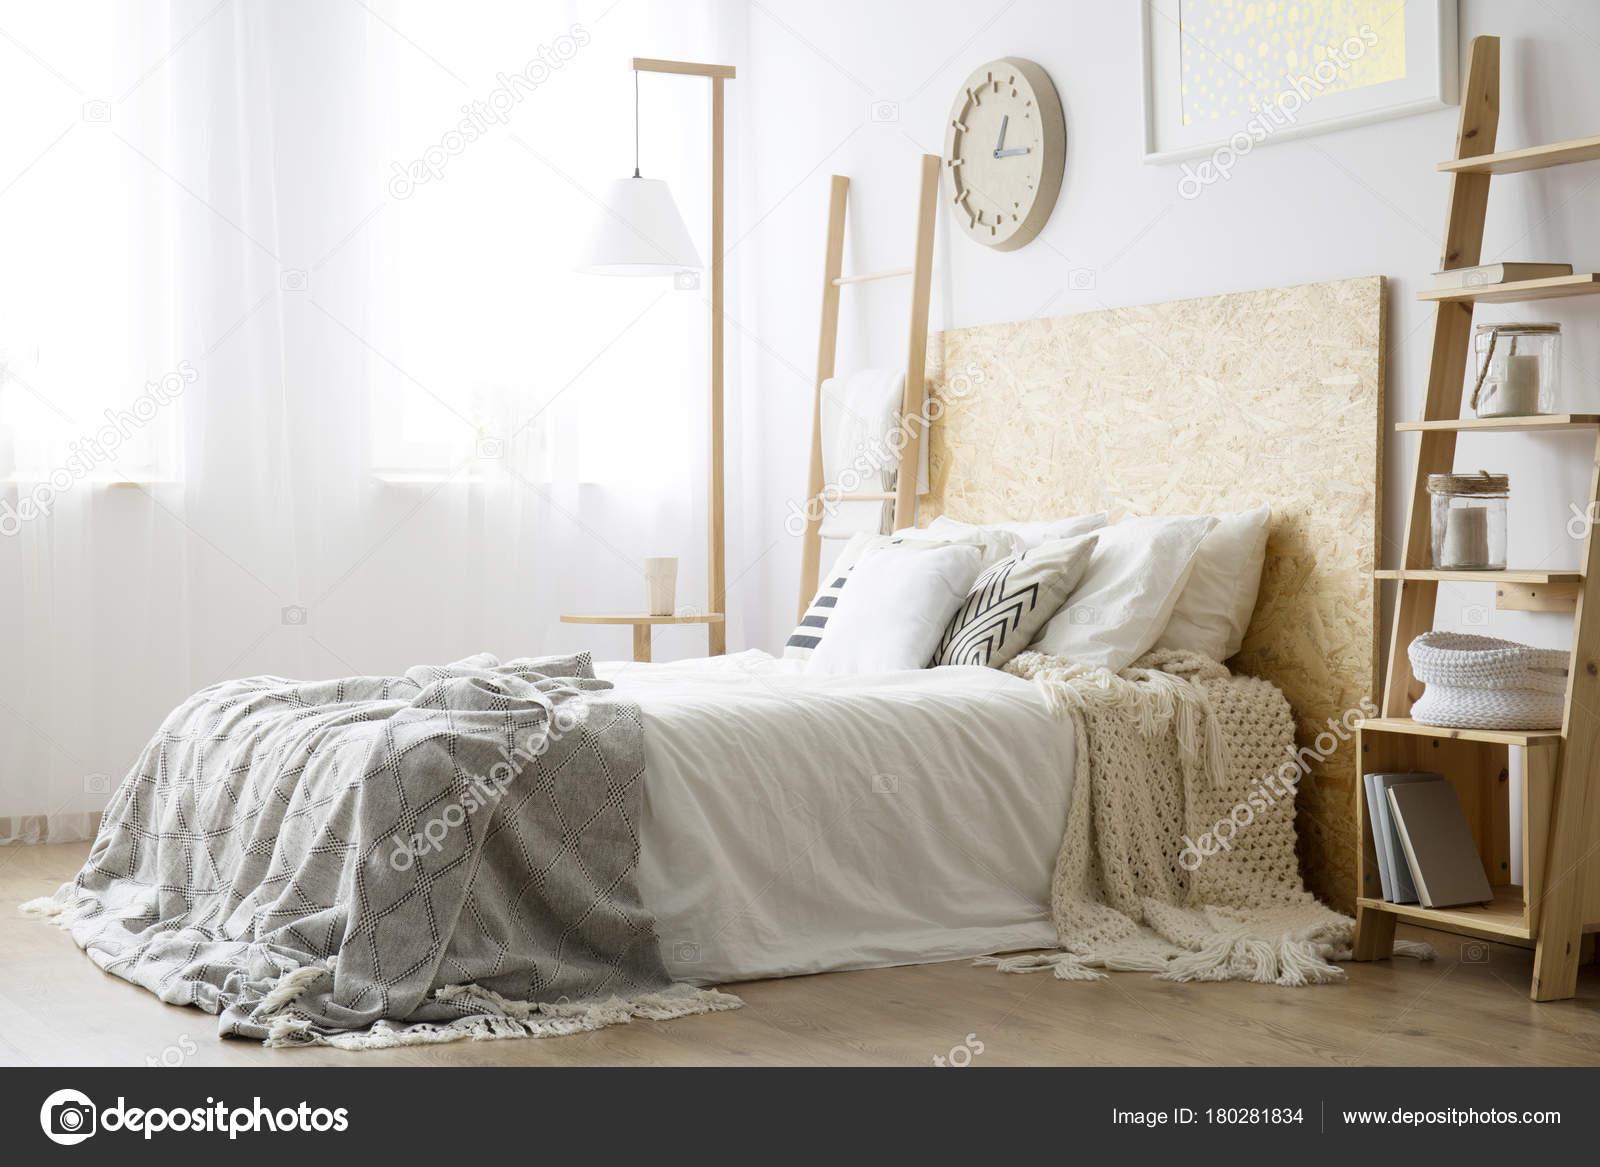 Angolo Del Letto : Angolo laterale del letto bianco u2014 foto stock © photographee.eu